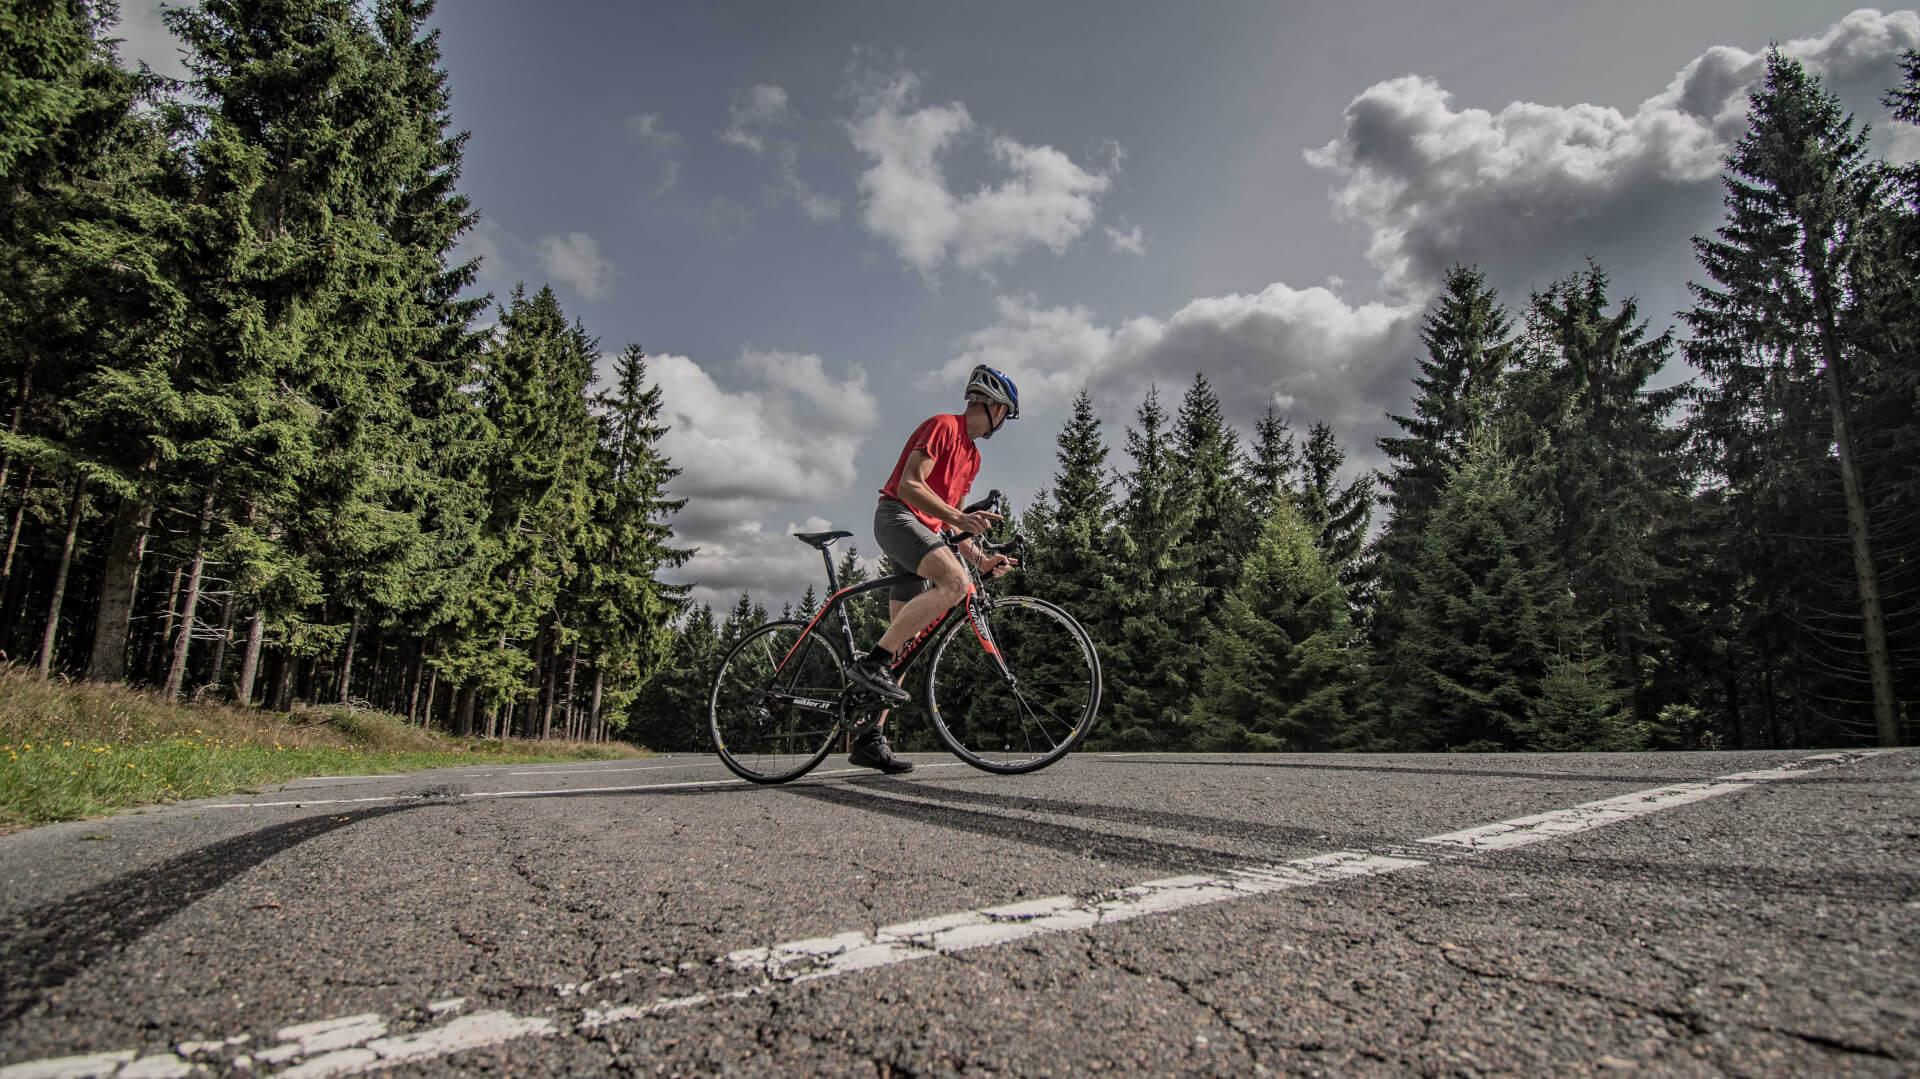 FEFLOGX Sportswear Mesh-Shirt und Tight-Shorts beim Fahrrad fahren im Taunus.